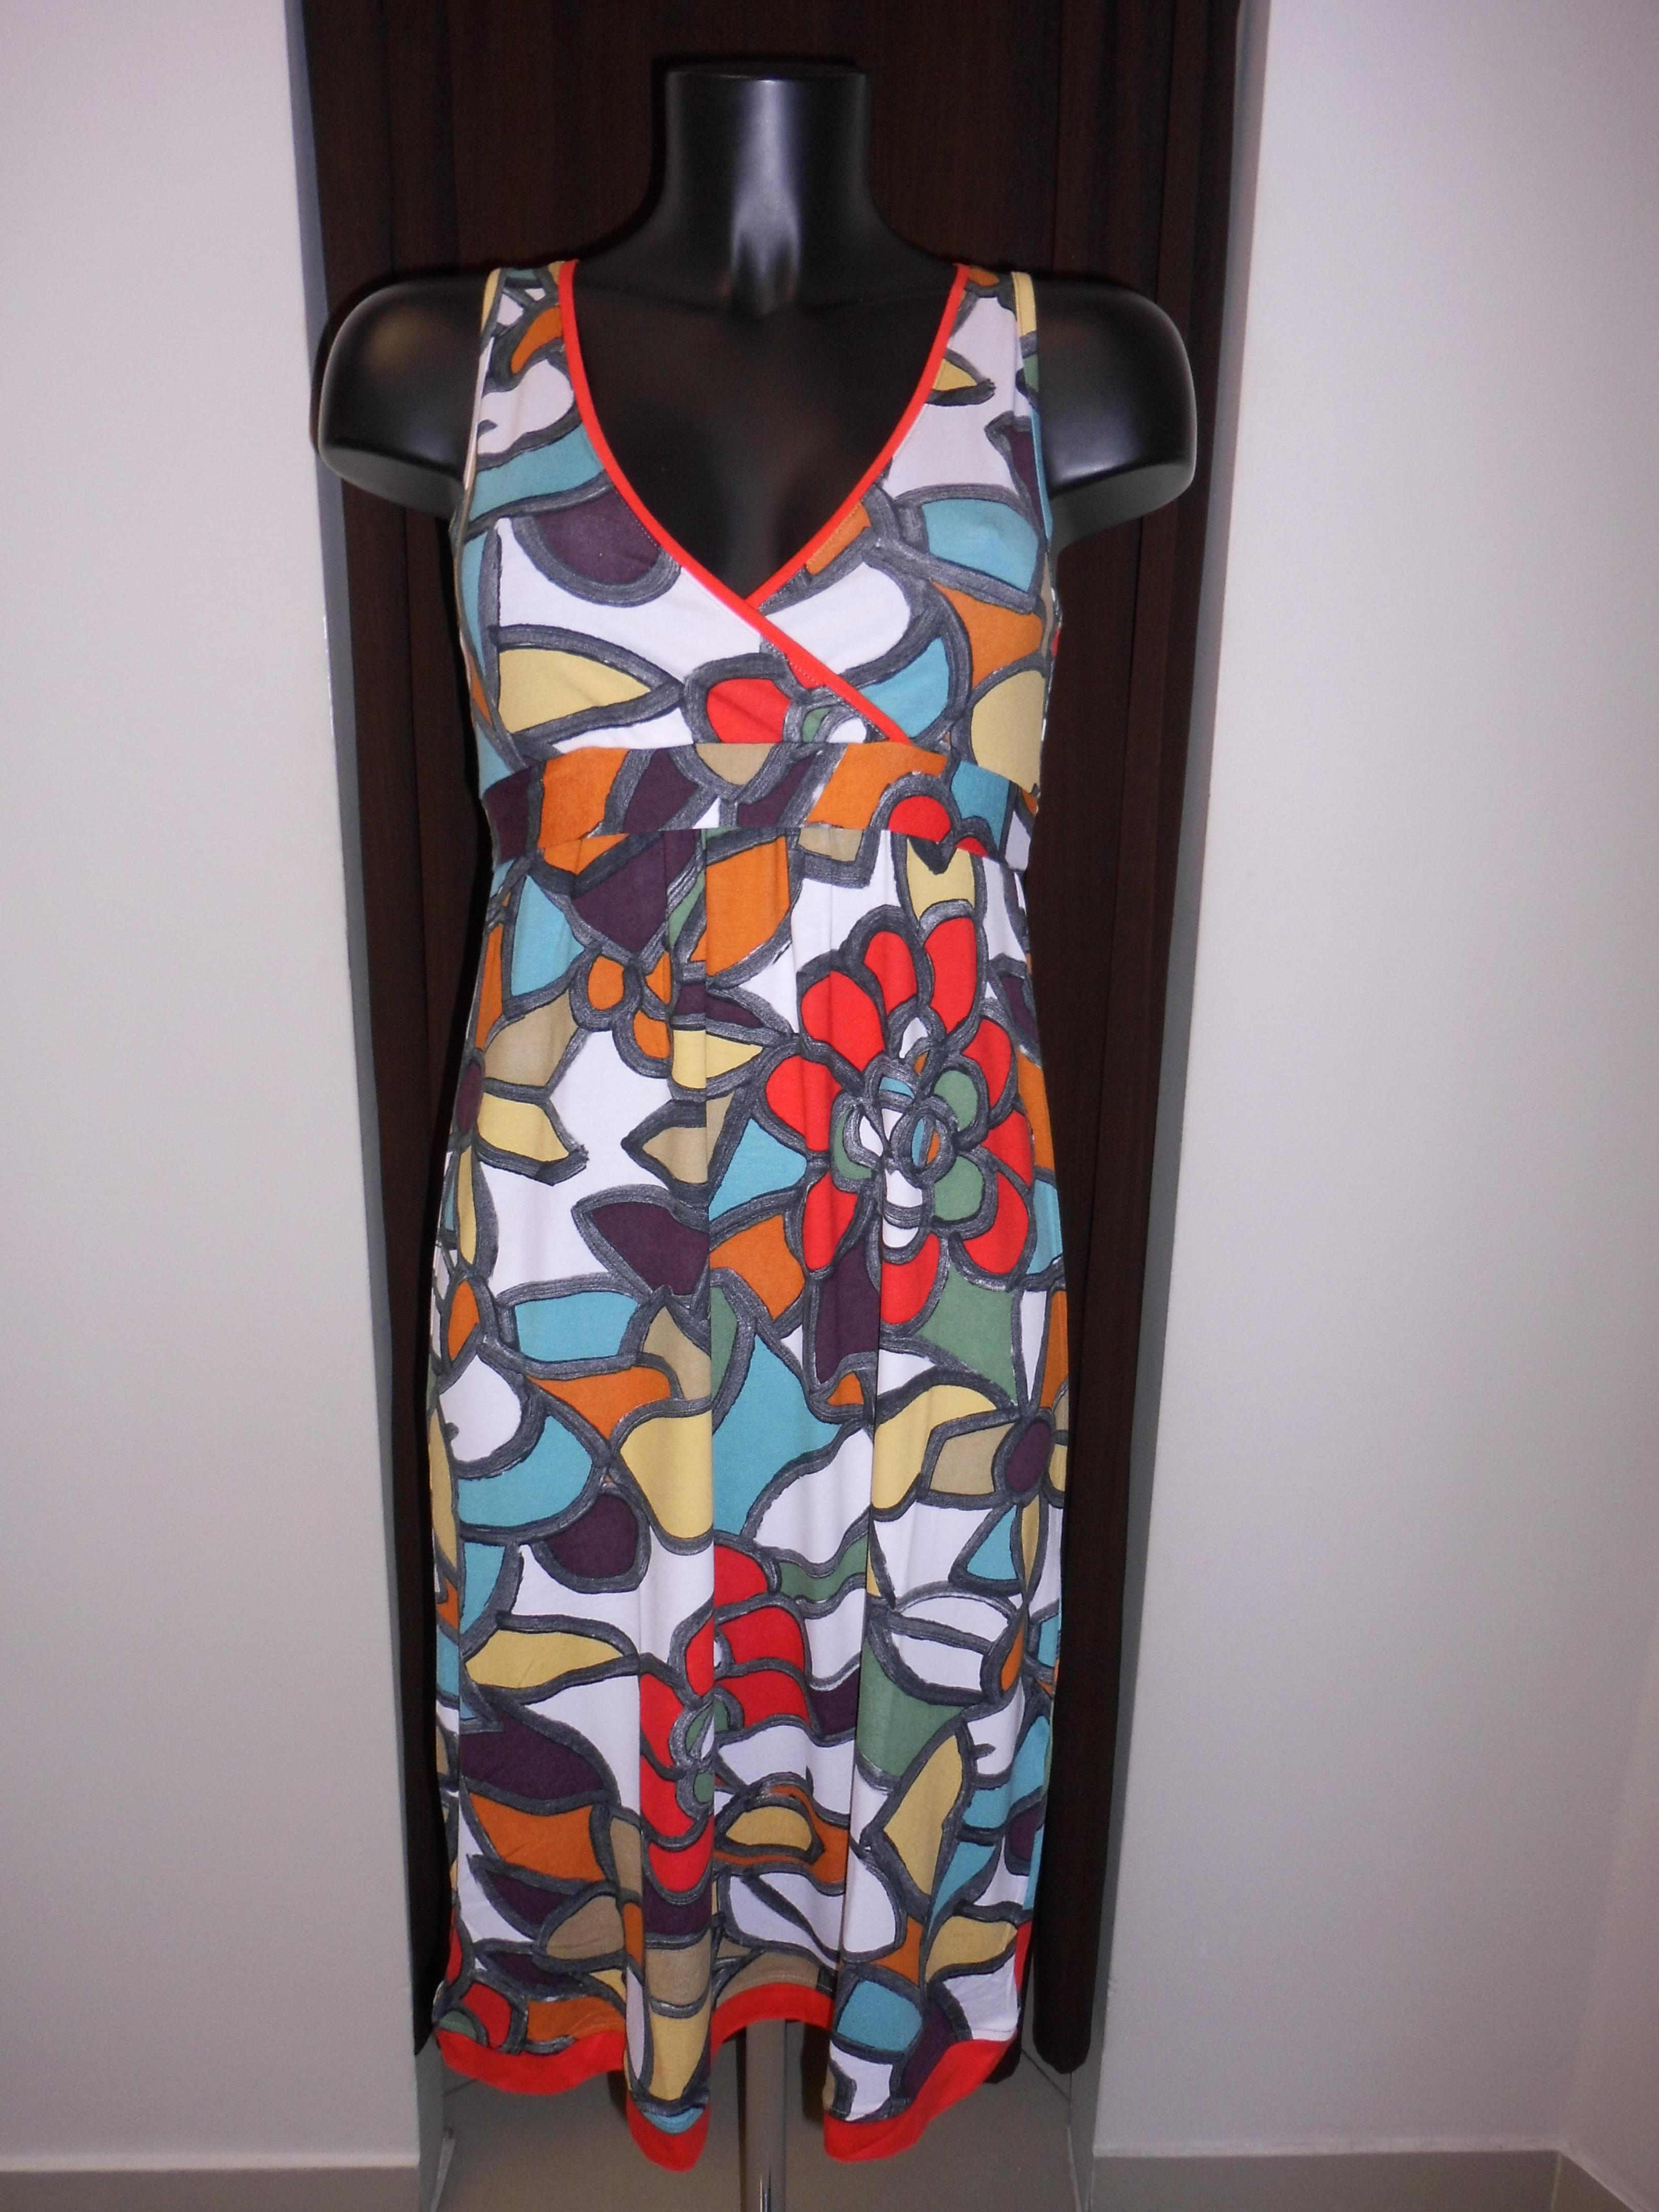 Plážové barevné šaty Vamp 4550 - Glami.cz b77c8d2255